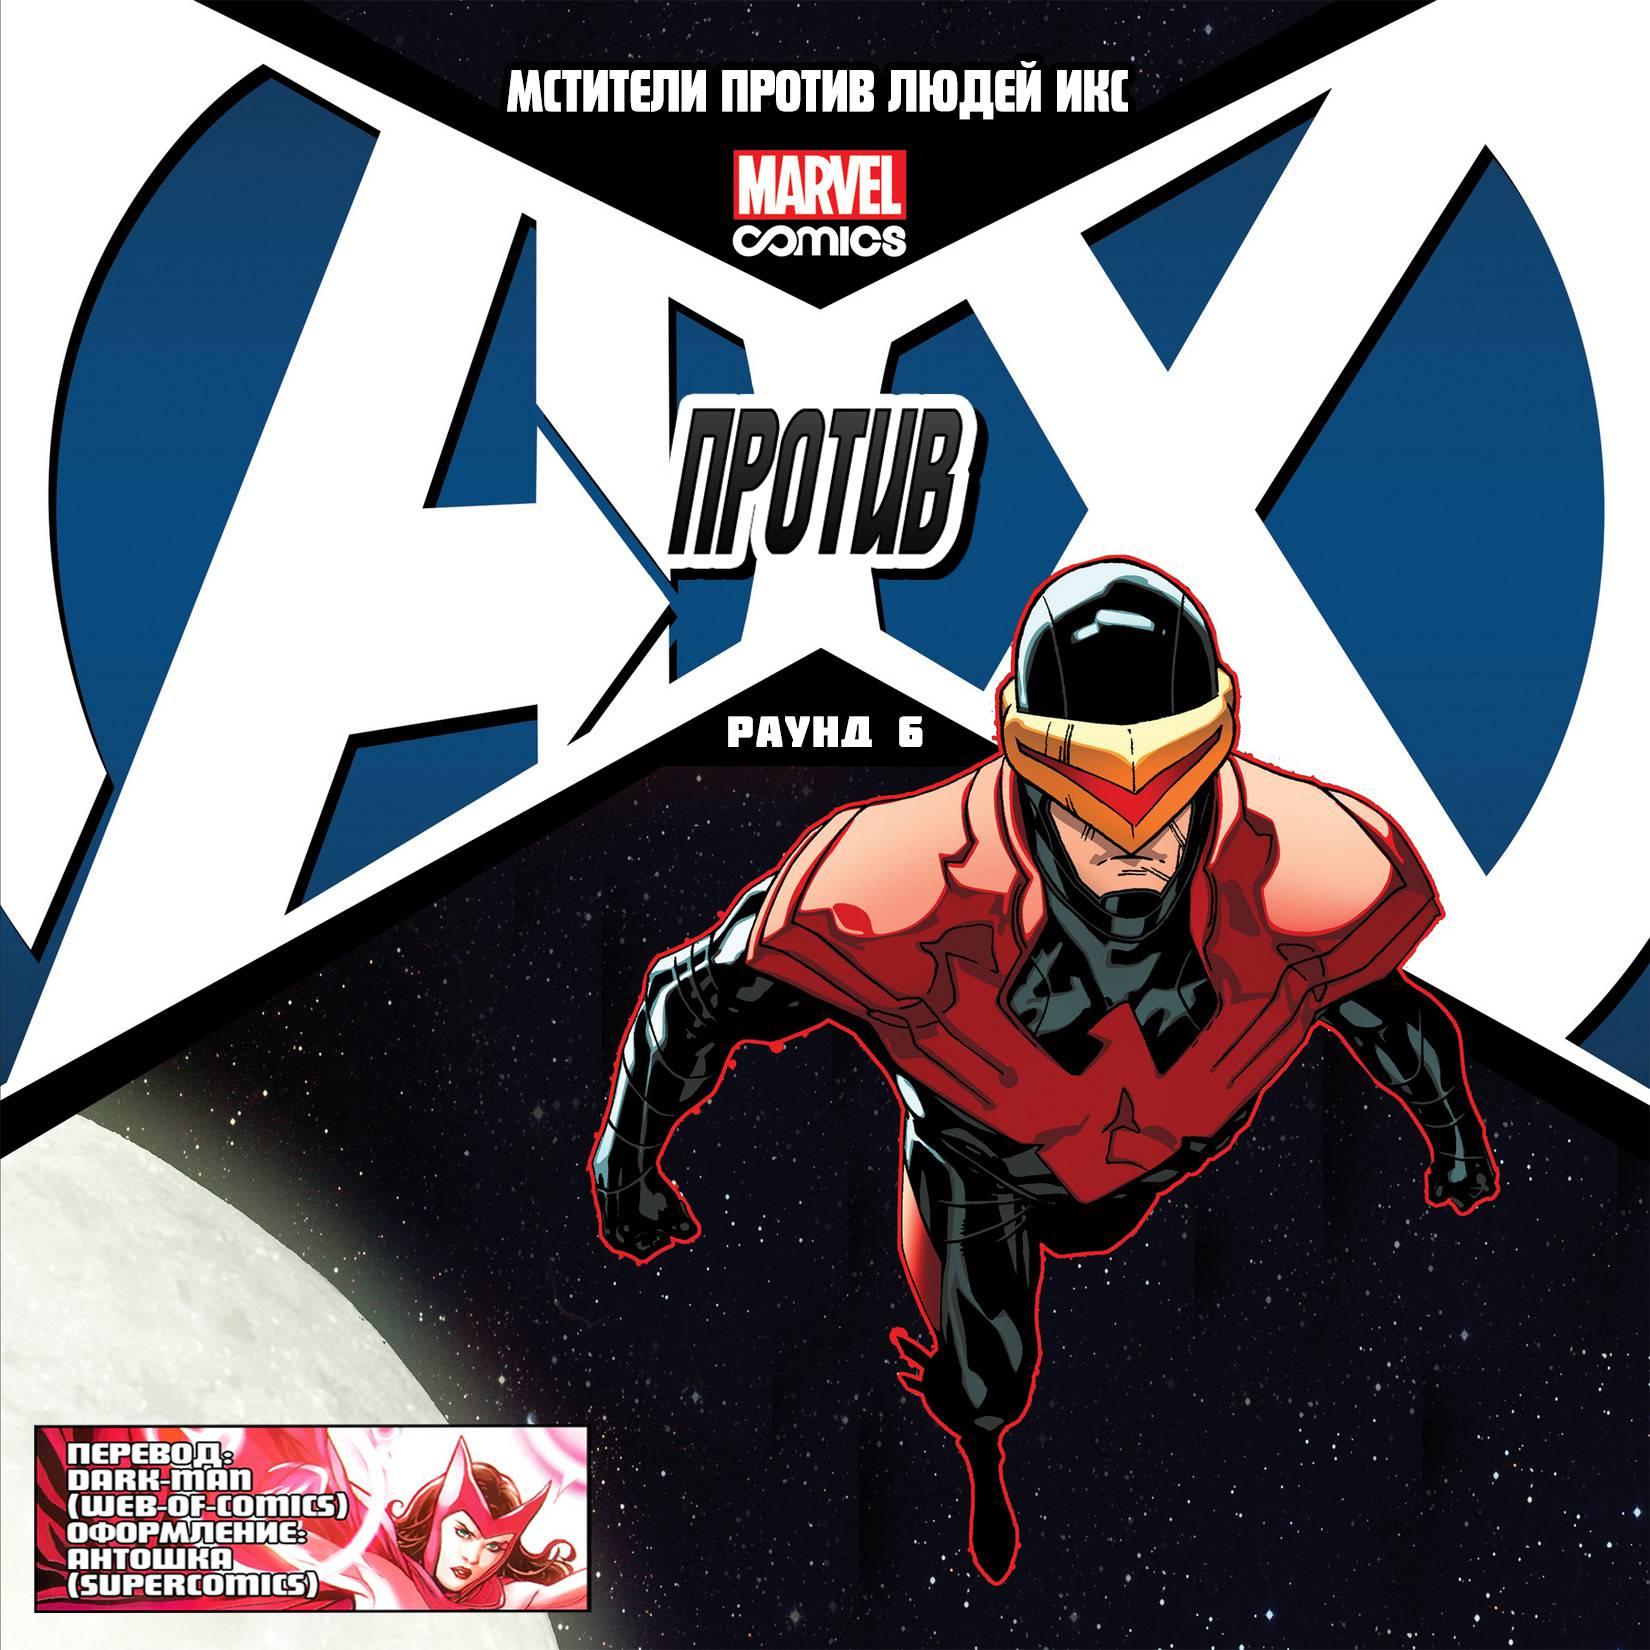 Мстители против Людей-Икс: Бесконечность №2 онлайн